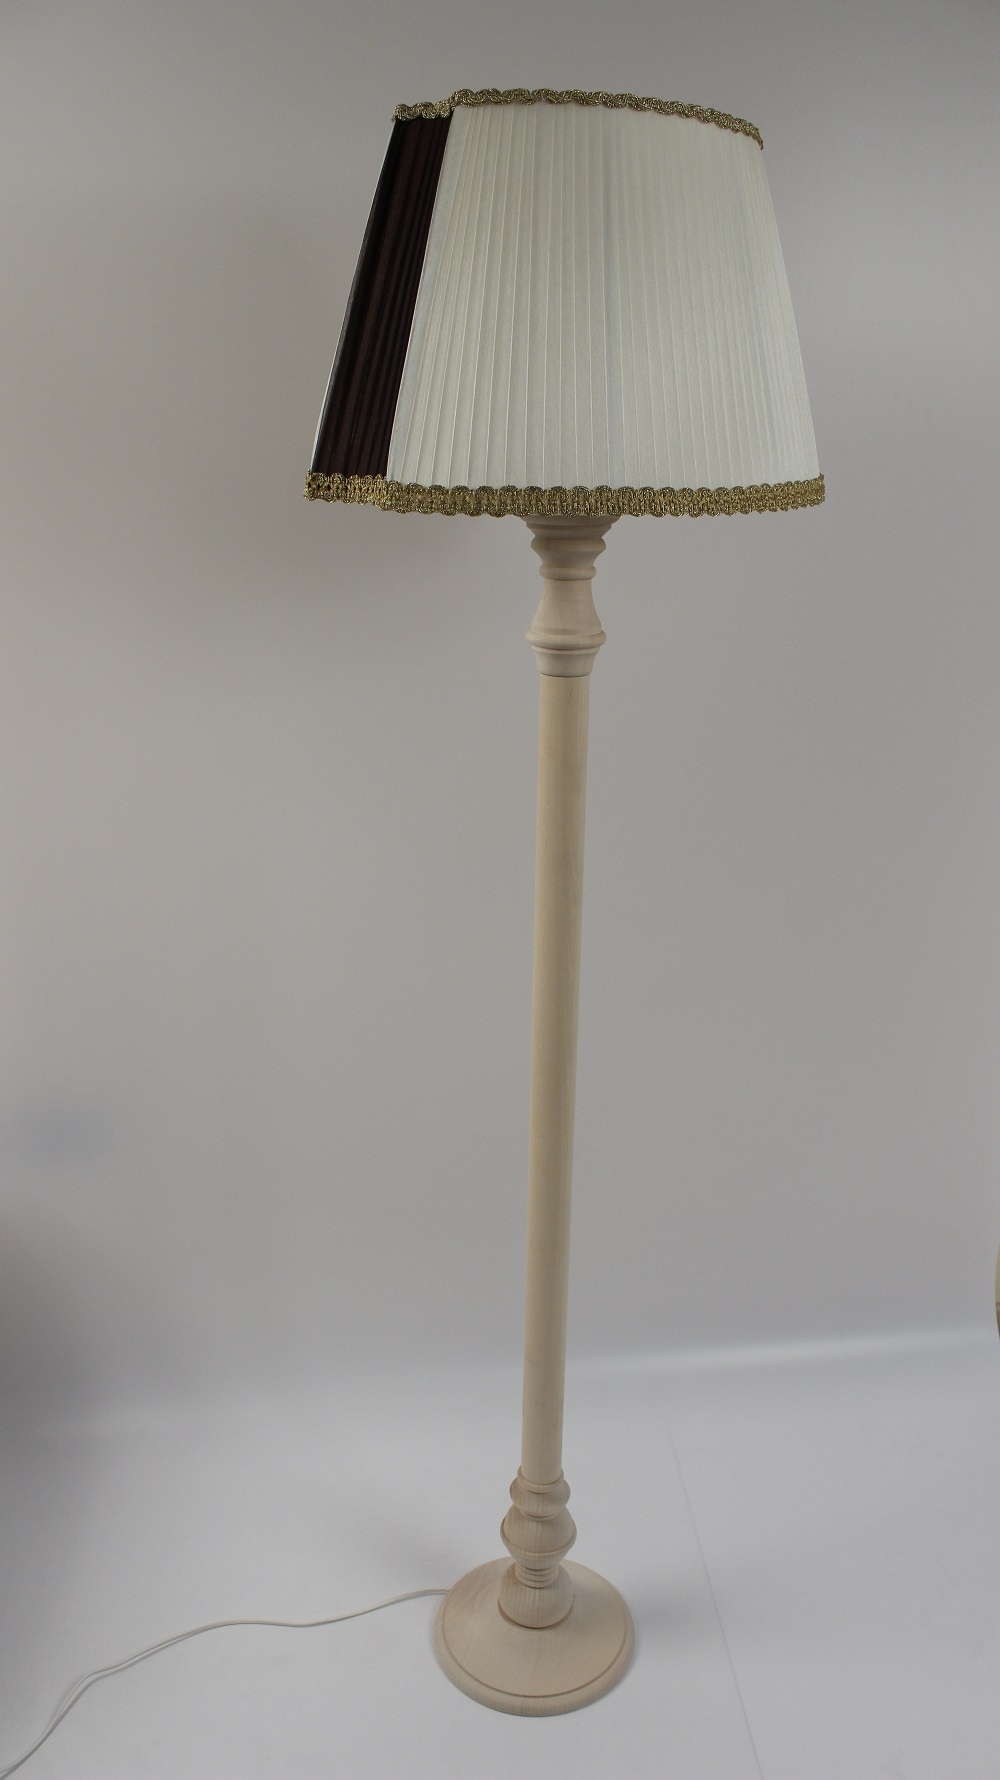 Cappelli per lampade ikea una collezione di idee per for Ikea lampade da terra